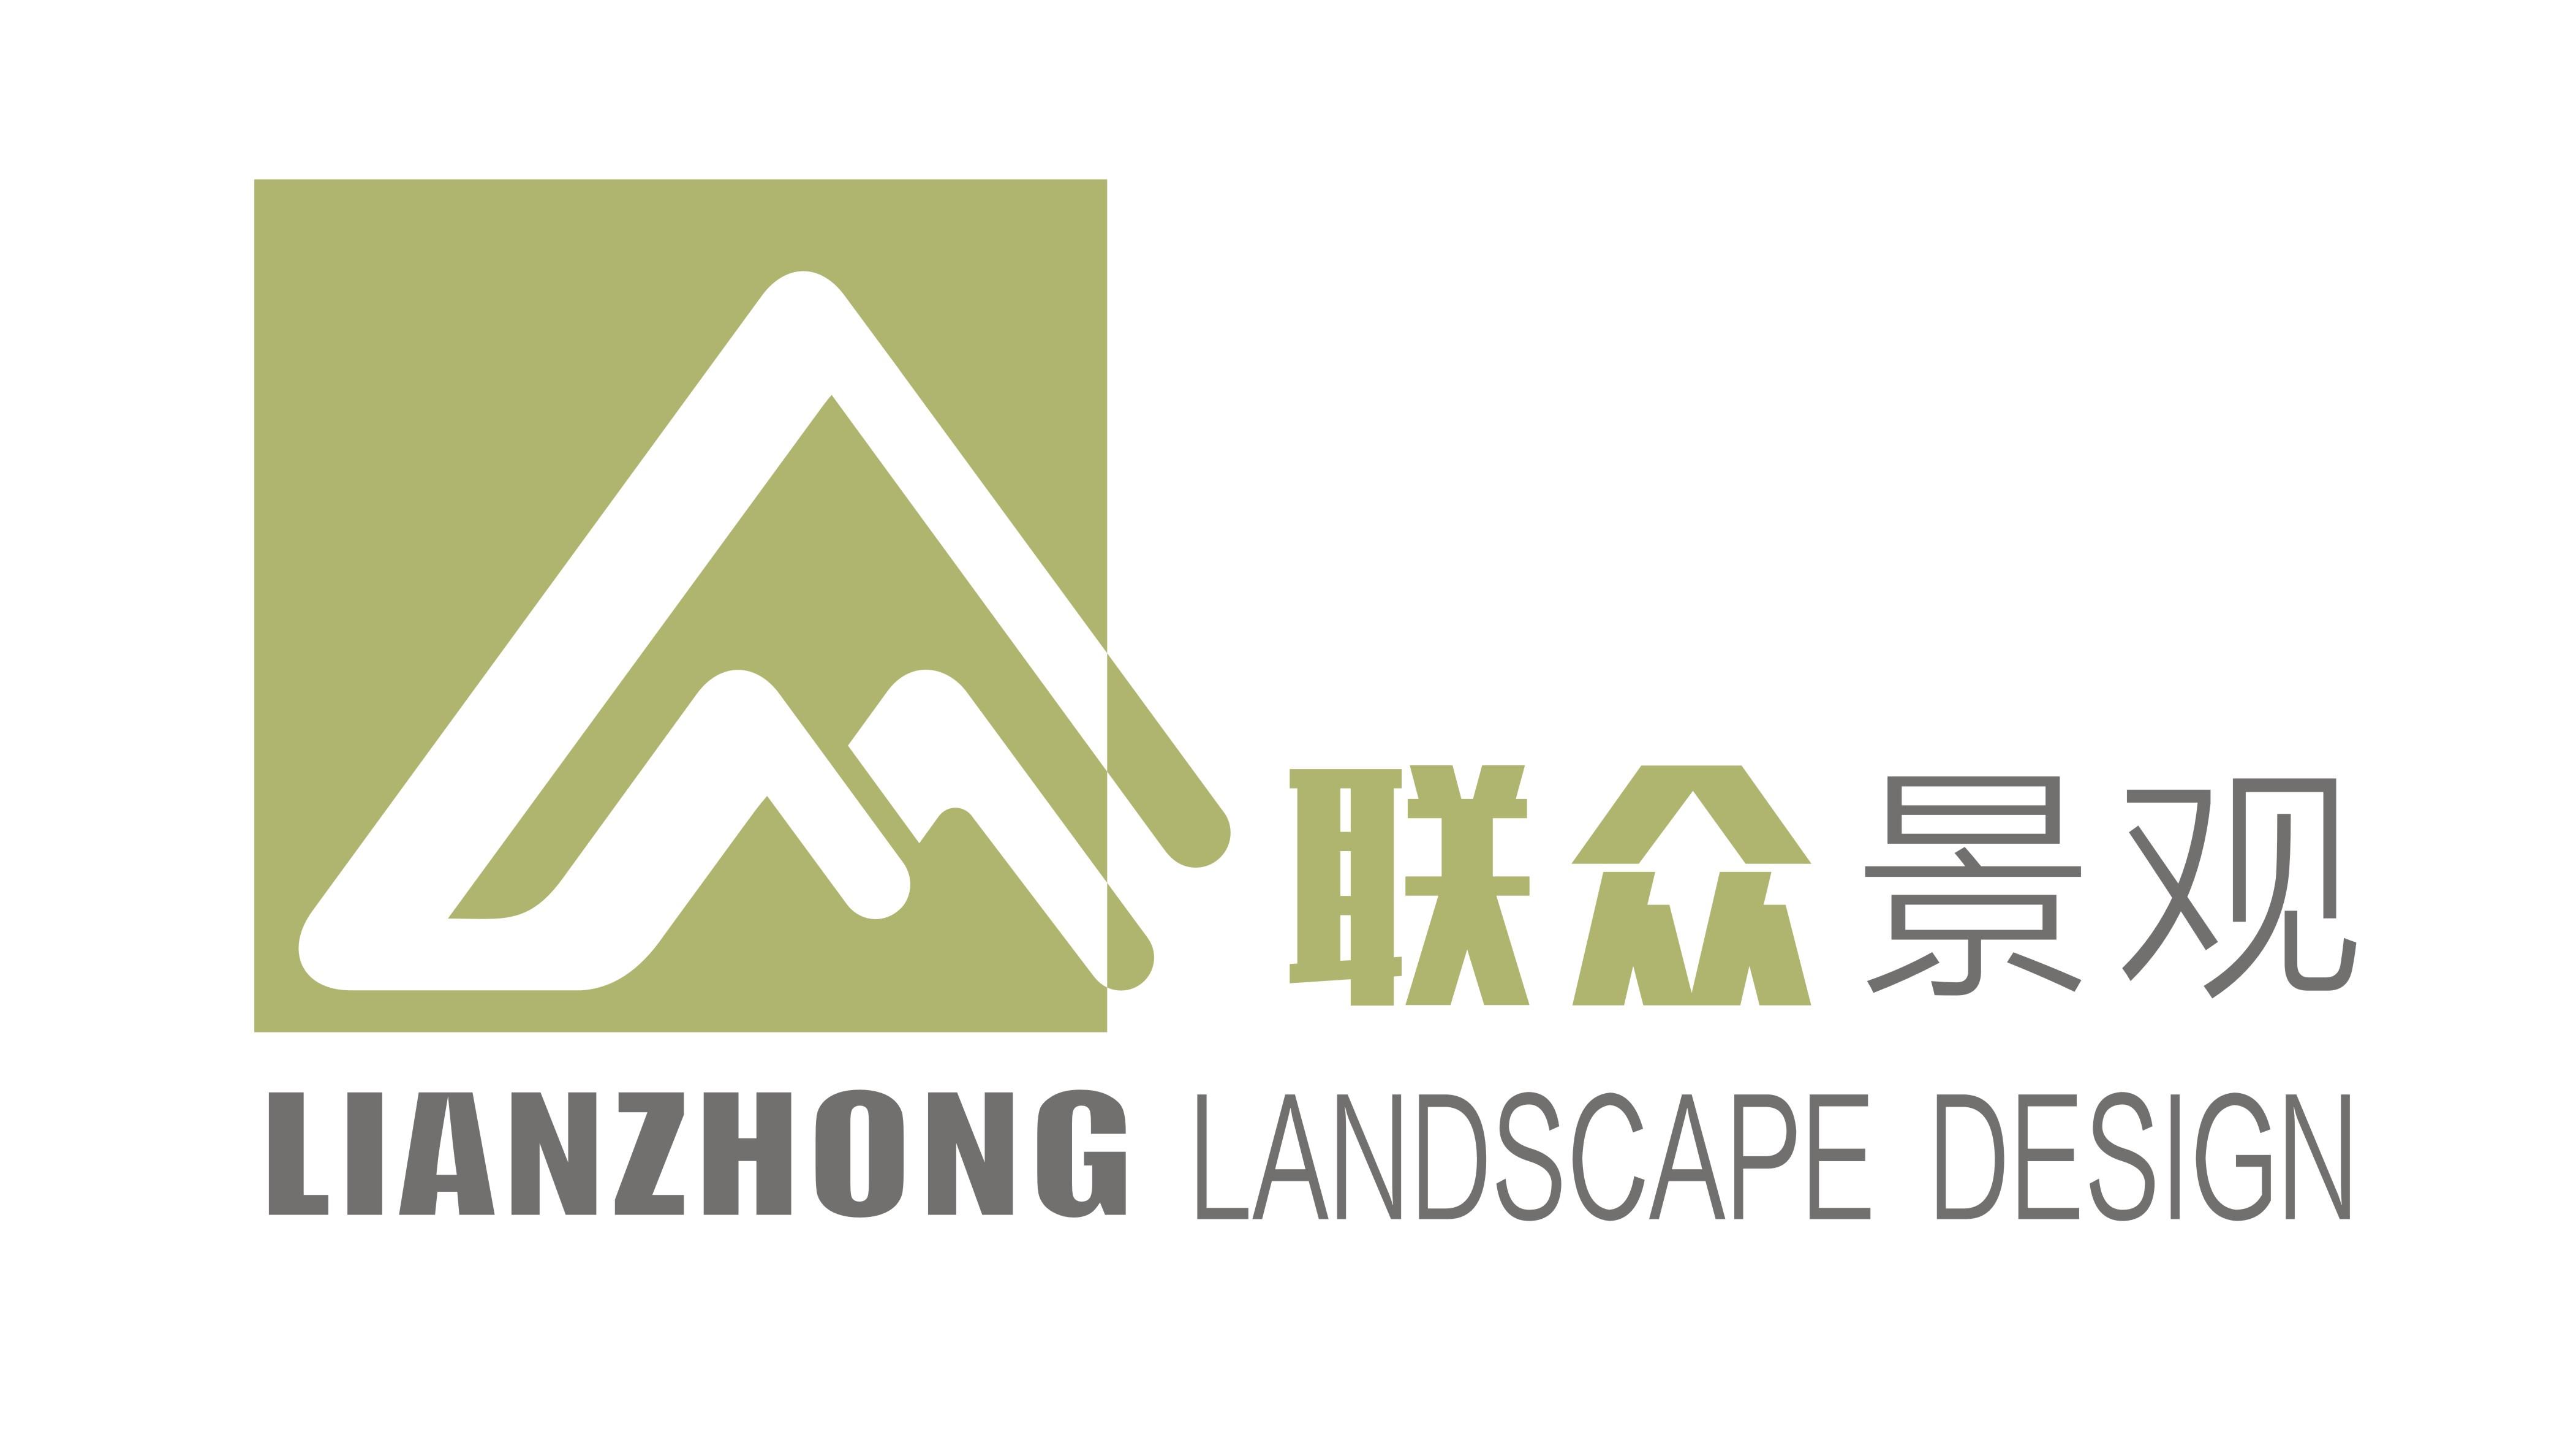 重庆联众园林景观设计有限公司